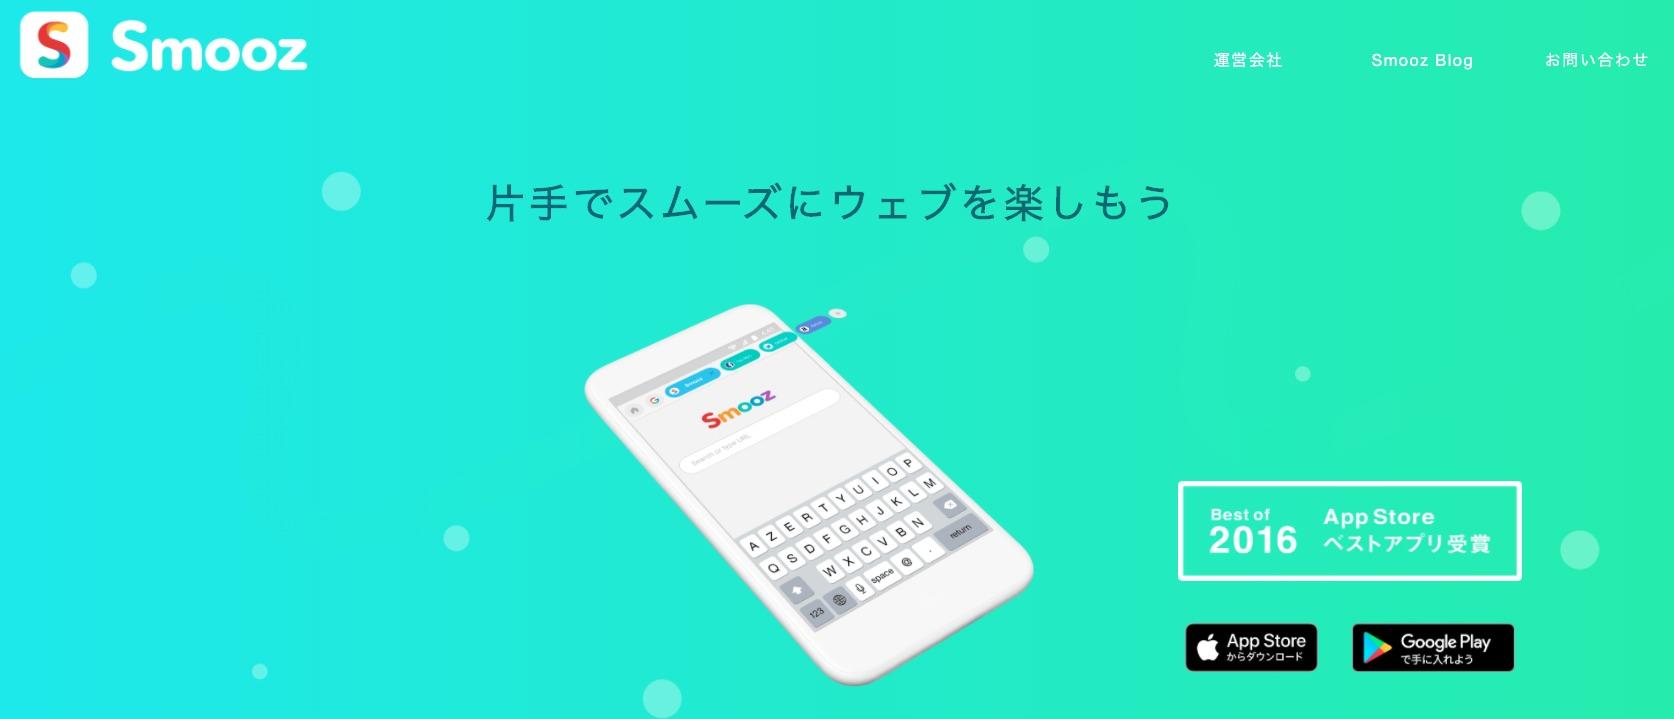 iPhoneのデフォルトブラウザをSmoozに変更する方法